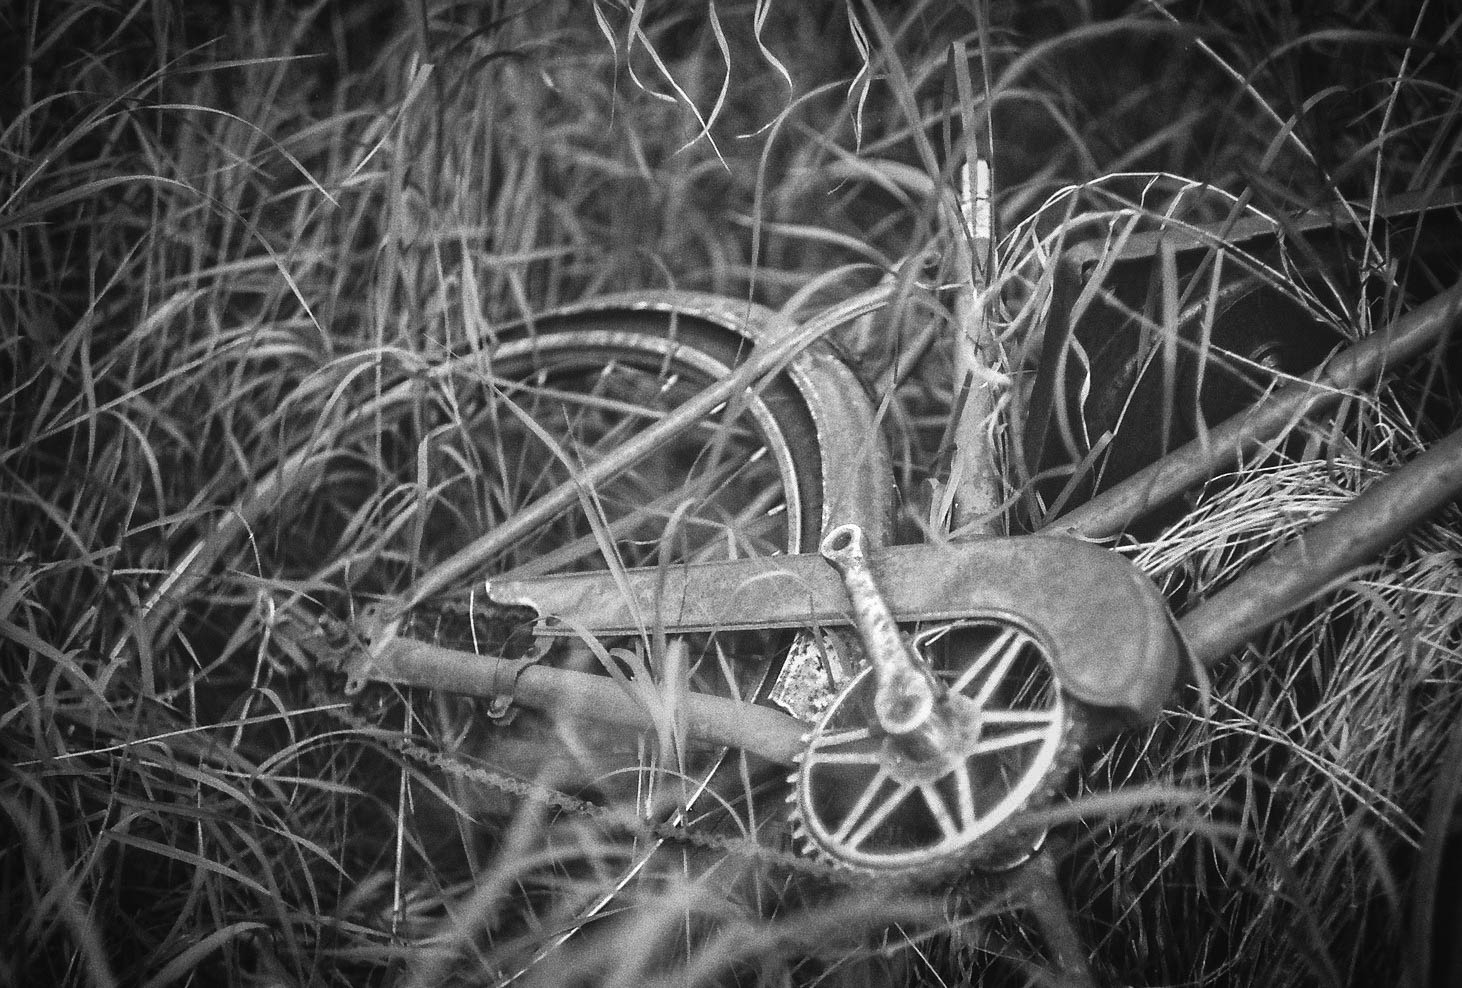 Bicycle in grass Bulwark, Alberta Leica M3, Canon 50mm F1.4 Ilford Pan F Plus 50 film 7/16